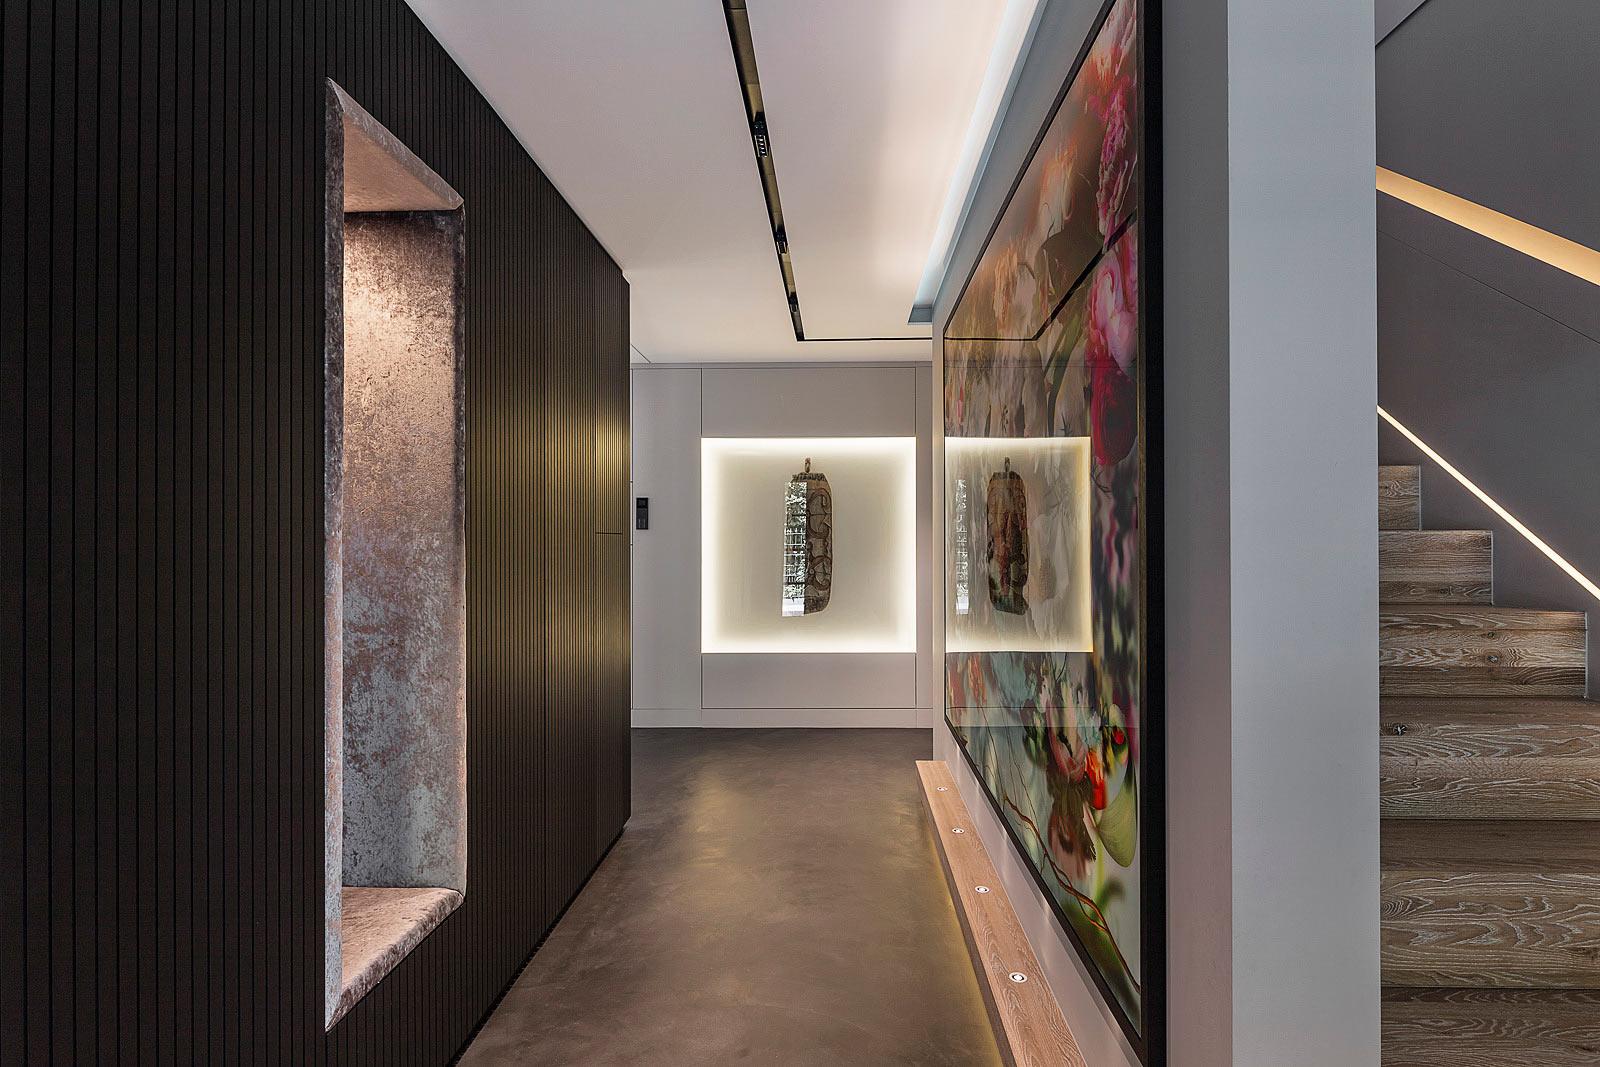 Architekturfotografie Innenraum, Architektur und Interieur Fotograf, Innenarchitektur, Eingang mit Treppenhaus,